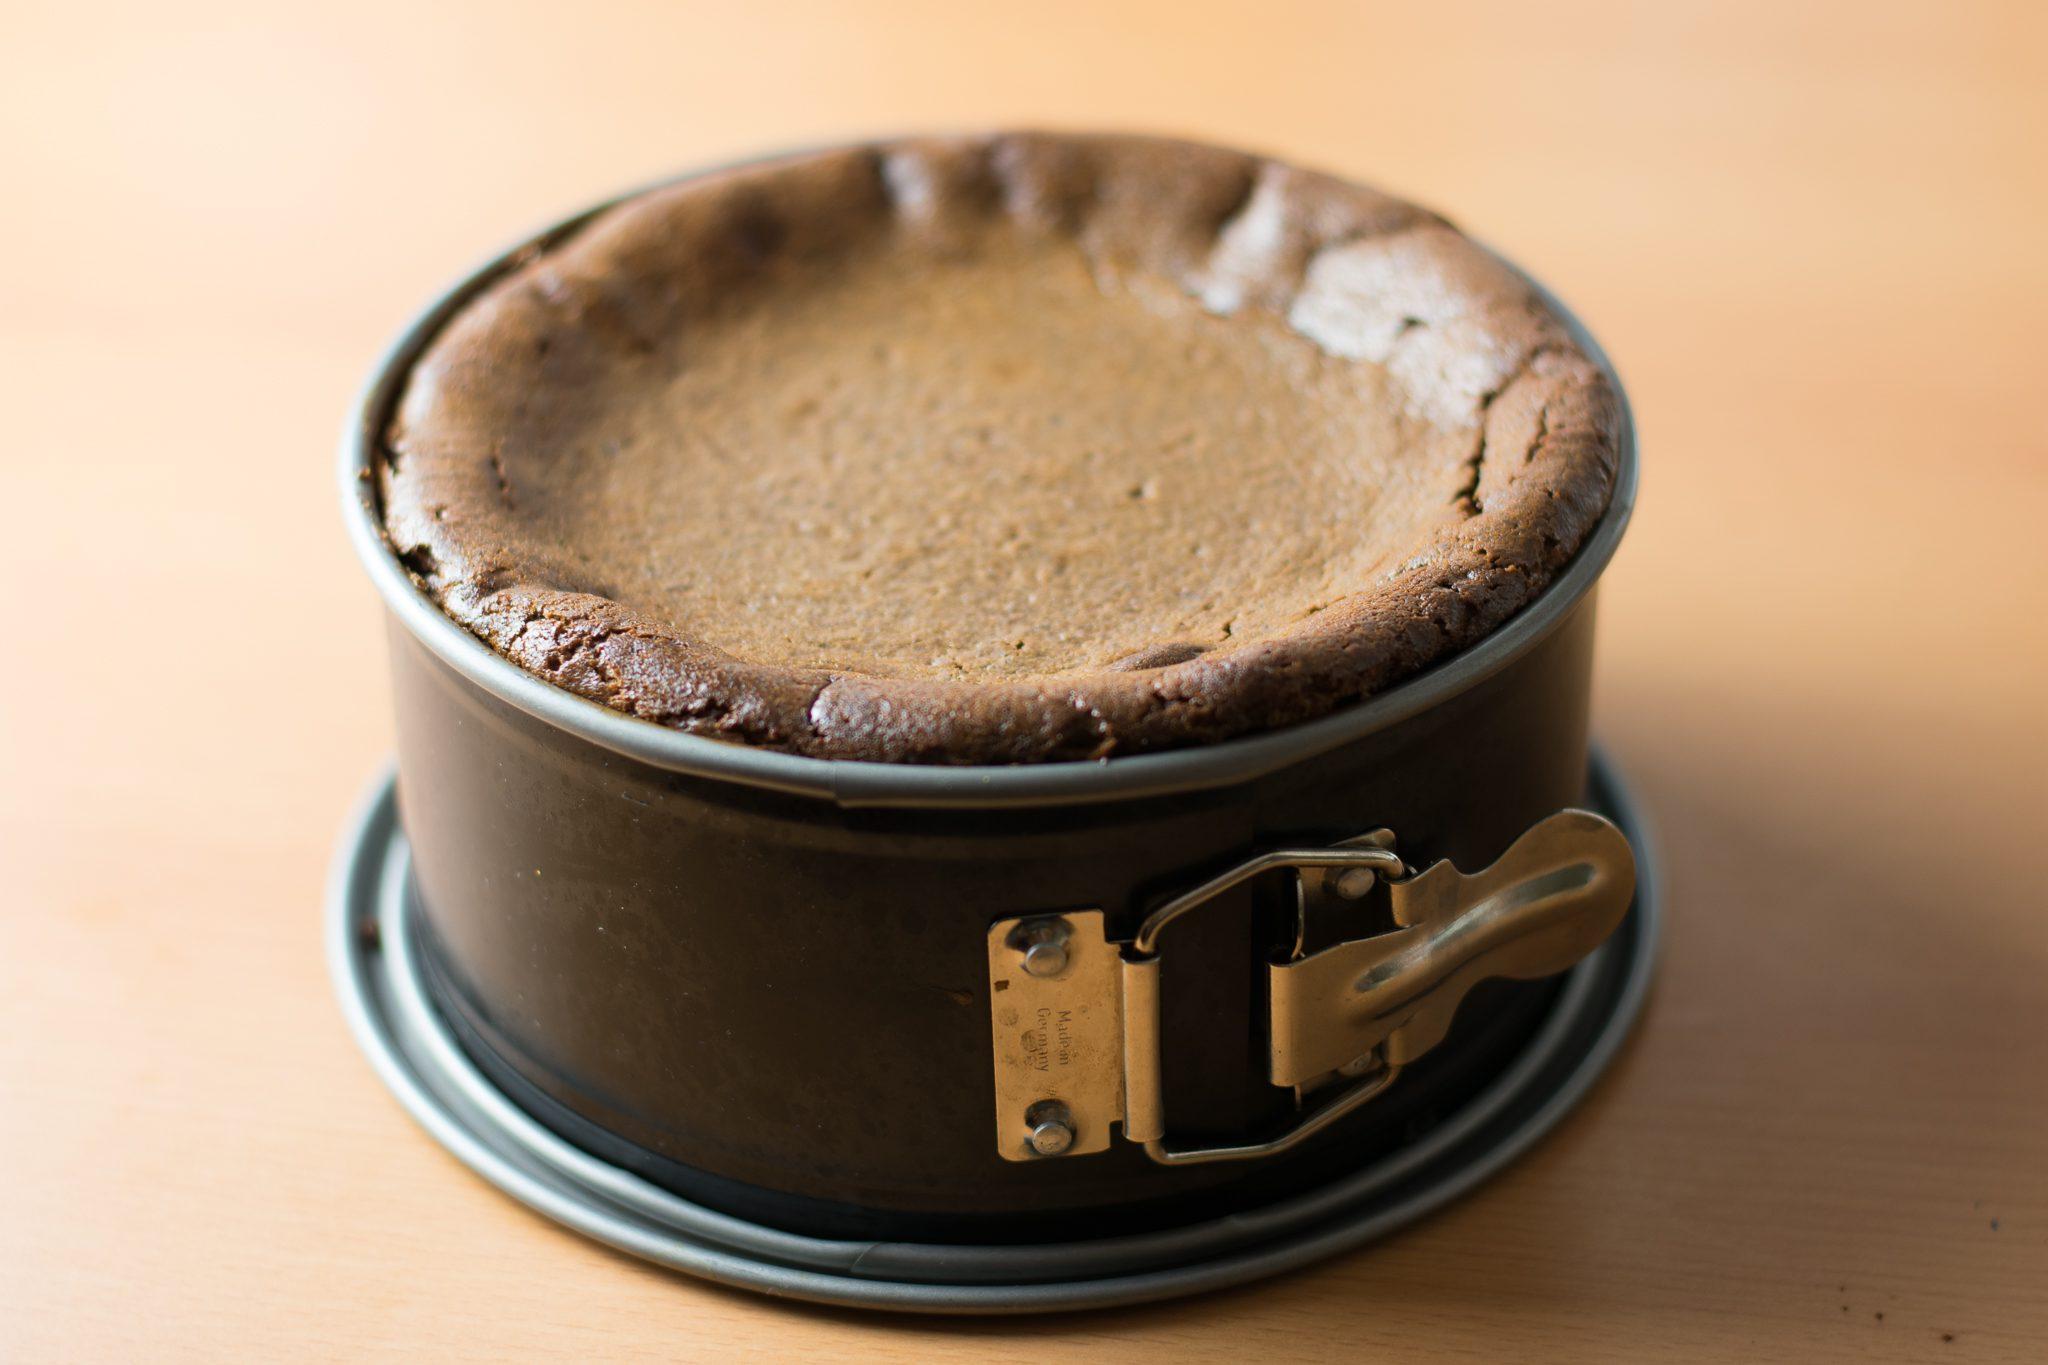 Keto-low-carb-chocolate-cheesecake-recipe-Process-12-SunCakeMom